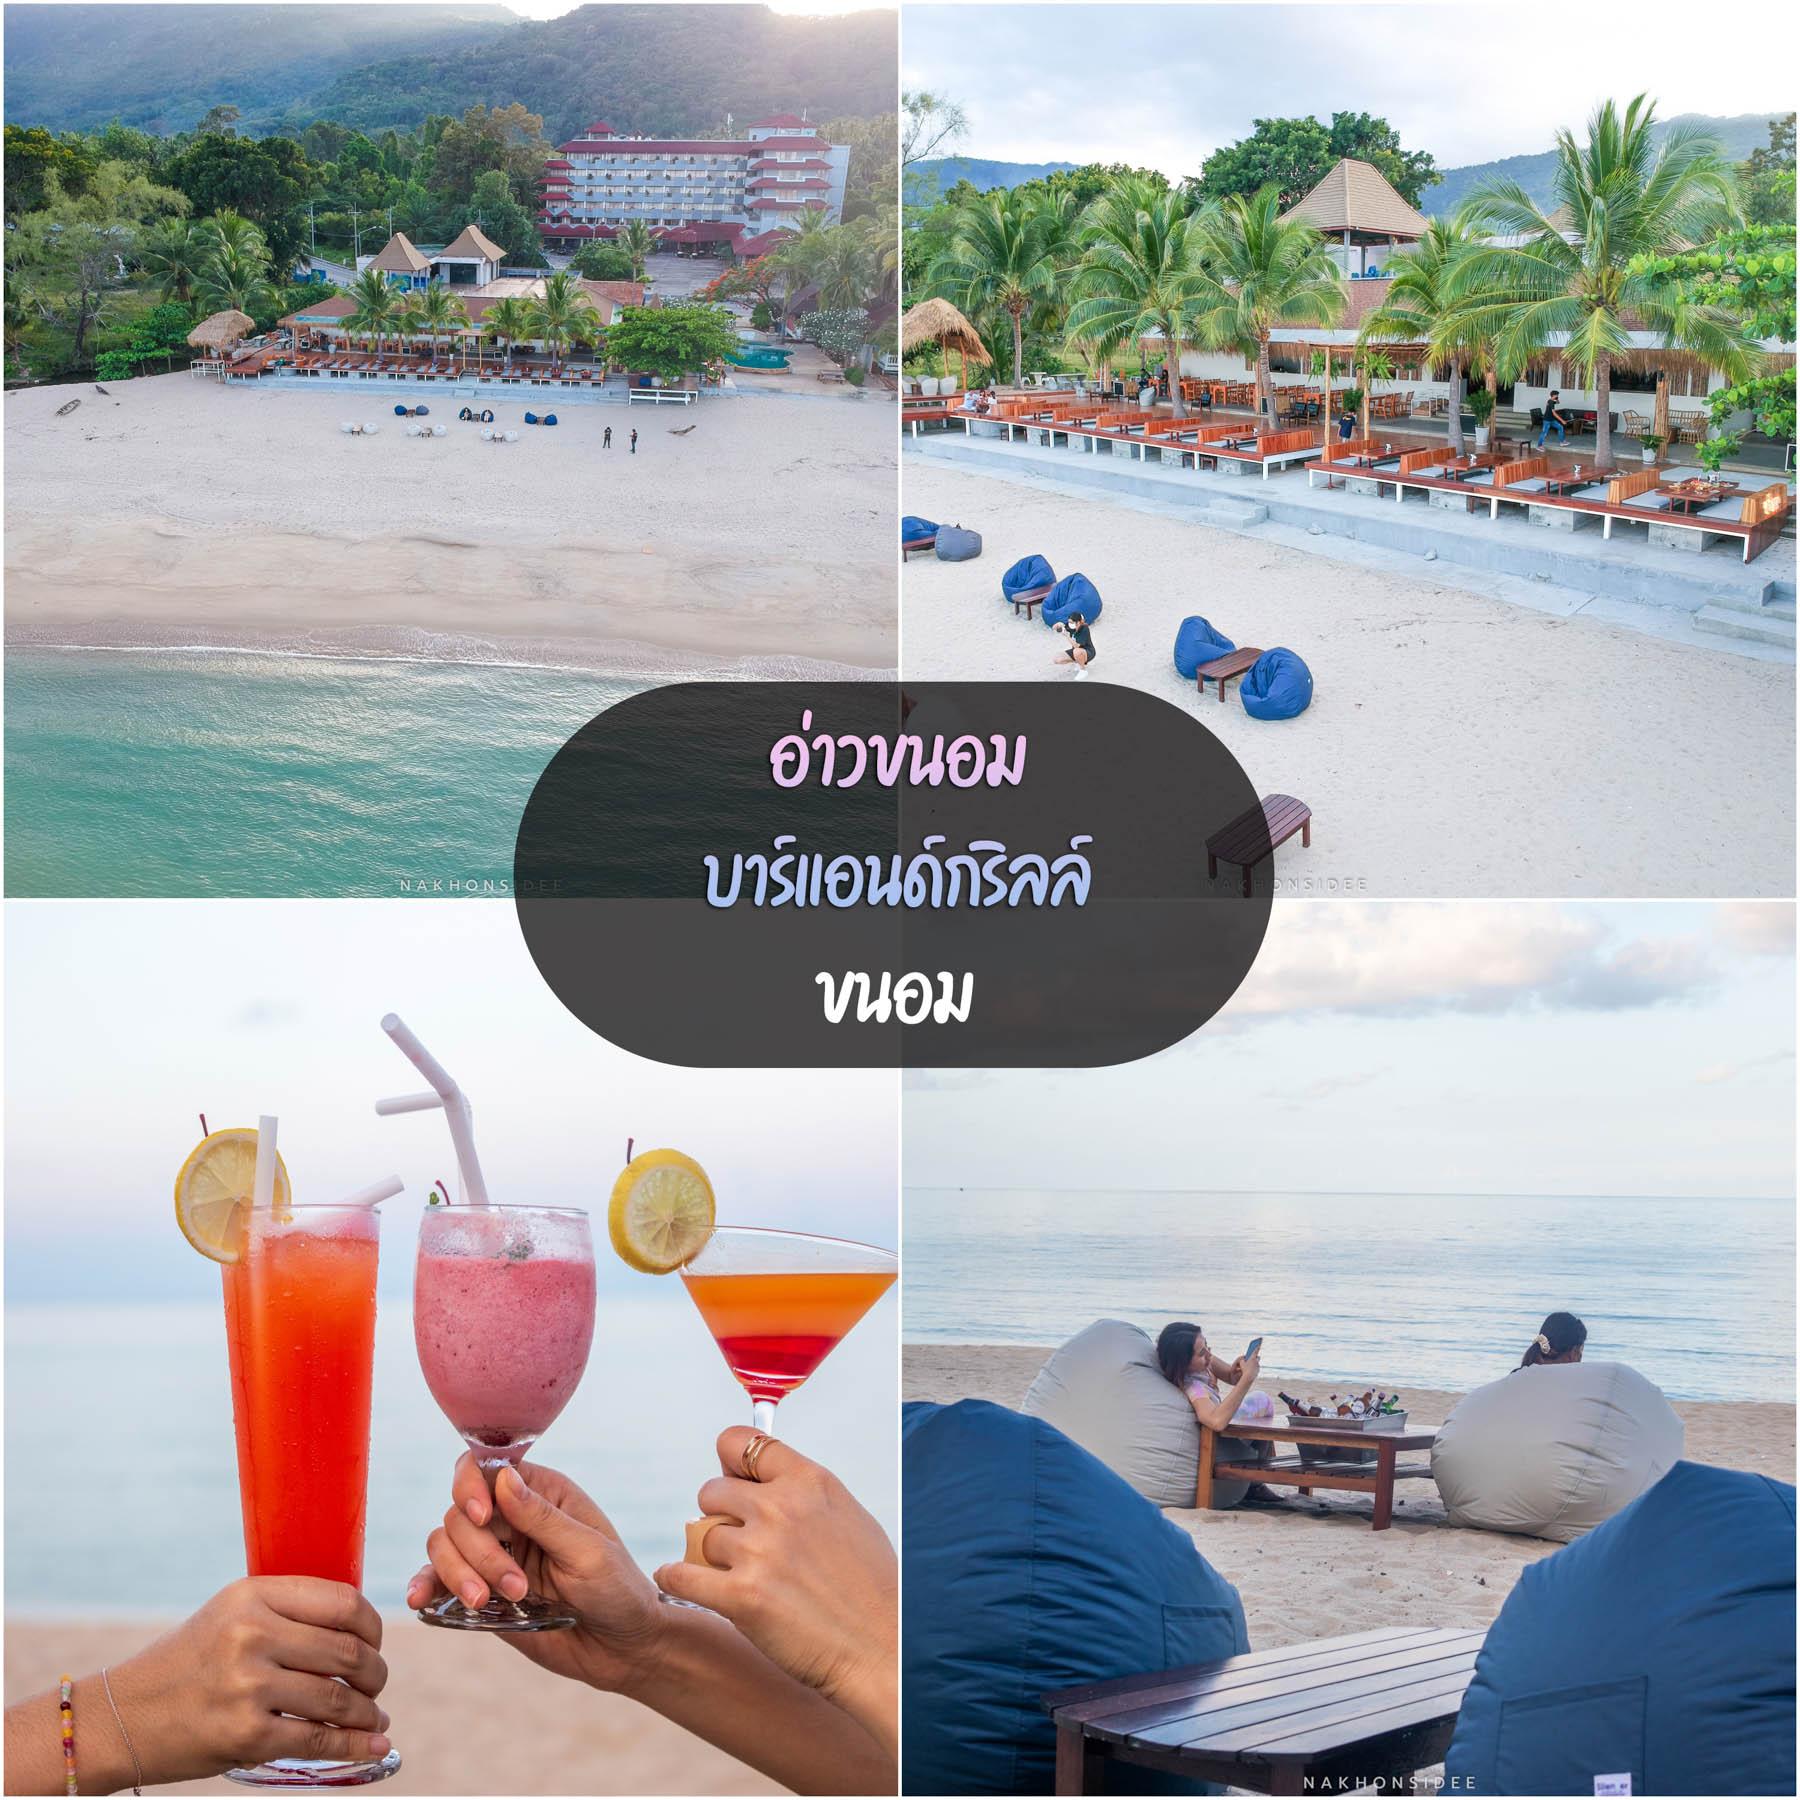 22.-Khanom-Beach-Resort---Spa-ขนอมบีชรีสอร์ทแอนด์สปา ที่พักขนอม-ตั้งอยู่ติดทะเลมีห้องพักหลายรูปแบบ-ตั้งแต่-Deluxe-Garden-,-Seaview-ห้องพักหน้าชายหาด-และยังมีห้องพักแบบ-Pool-Villa-ส่วนตัวด้วย-ขอบอกว่าดีย์จริงไรจริง-แอดให้-10/10-ไปเลยครับ-ที่พักมีความเป็นส่วนตัวสูง-วัสดุภายในใช้อย่างดี-ห้องกว้างเหมาะแก่การพักผ่อนชาร์จแบต-ชาร์จหัวใจกันเลยทีเดียวว-อิอิ-ในส่วนของห้องพักในแบบ-Villa-ทั้งหมดจะเป็นหลังทรงไทยแต่ภายในจัดแบบ-Modern-แบบสุดๆ-เป็นการผสมผสานได้อย่างลงตัวเลยครับ-ในส่วนของ-Pool-Villa-สระส่วนตัวก็กว้างจริงไรจริงดีย์ไปอีกกก--ไม่ได้อวยนะต้องไปสัมผัสเองง--ในส่วนของห้อง-วิวหลักล้านอีกแบบคือ-Deluxe-Seaview-ที่ให้สาวๆได้มาแช่อ่างกันนอกระเบียงพร้อมวิวทะเล-เช็คอินถ่ายรูปสวยๆกันเลยครับ-เห็นอย่างงี้ต้องห้ามพลาดแล้ววว----และภายในมีร้านอาหารรองรับสำหรับนักท่องเที่ยวด้วย-ให้คุณพาคนรู้ใจมา-Dinner-แบบหรูๆริมทะเล-หรือจะพาครอบครัวมาก็ได้ครับ-ในส่วนของเมนูอาหารมีมากมายรวมไปถึงบาร์ด้วยครับ-และในส่วนของ-Spa-กำลังจะเปิดให้บริการเร็วๆนี้ครับผม-แบบนี้ต้องไปแล้วววว----เกือบลืมม-ทีเด็ดของที่นี่คือ-Breakfast-in-bed-ที่เพียงแค่โทรบอกโรงแรมจะมีอาหารเช้ามาเสิร์ฟกันถึงหน้าห้อง-และทานบนเตียงได้แบบฟินๆกันแน่นอนนนนน สิชล,ขนอม,ที่พัก,ของกิน,โรงแรม,ที่เที่ยว,จุดเช็คอิน,วัดเจดีย์,ตาไข่